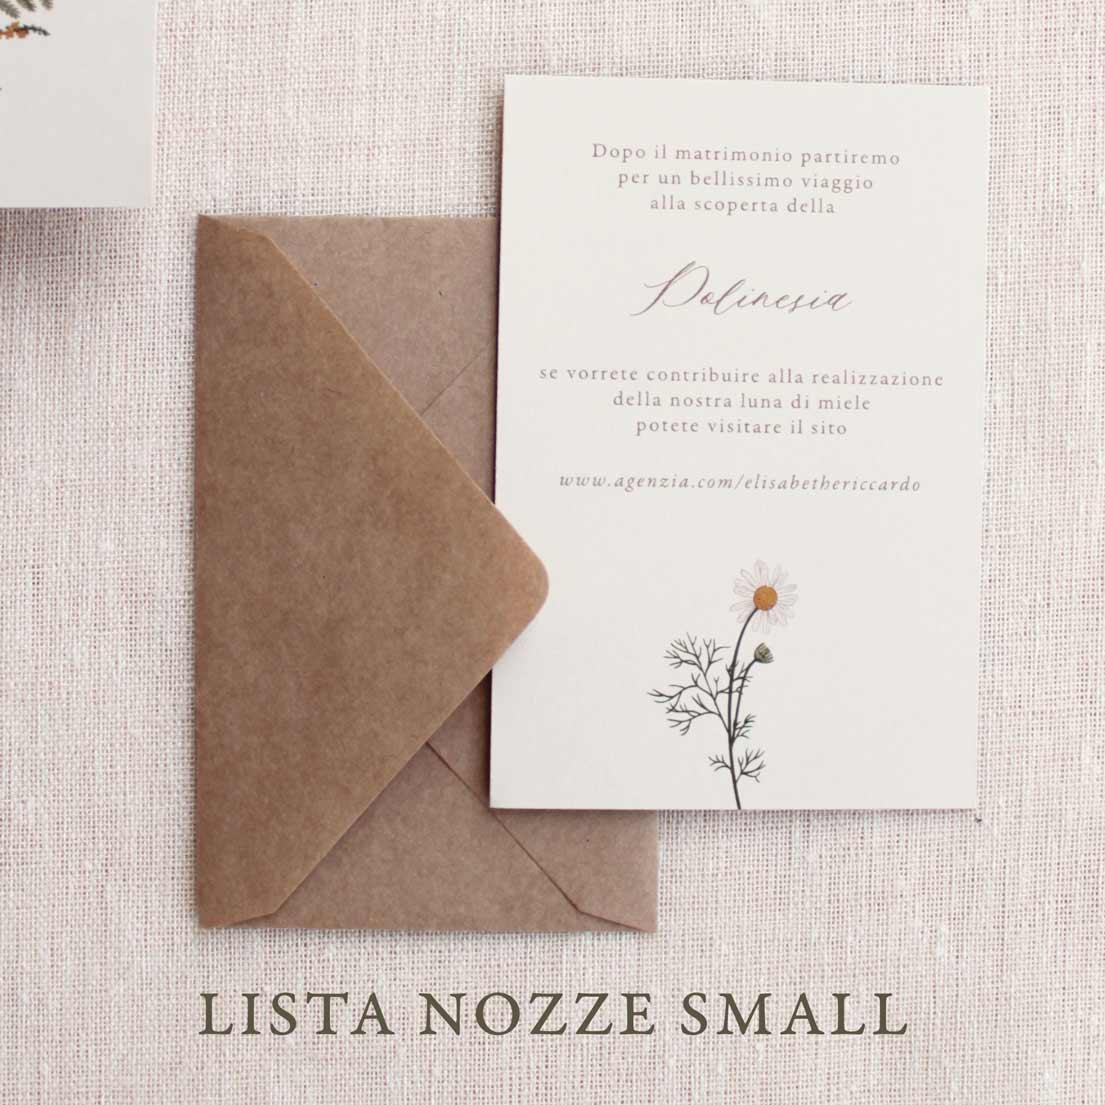 Partecipazioni-invito-nozze-matrimonio-fiori-verde-ulivo-margherite-flower-botanico-wedding-lista-nozze-iban